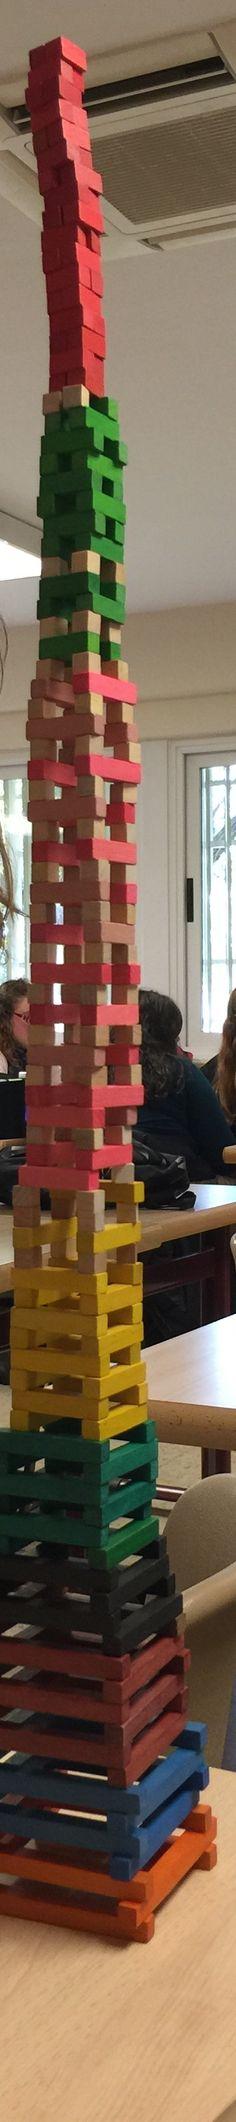 Las regletas un buen método para enseñar conceptos matemáticos, pero a la vez para jugar y hacer alguna construcción con la imaginación de los niños.